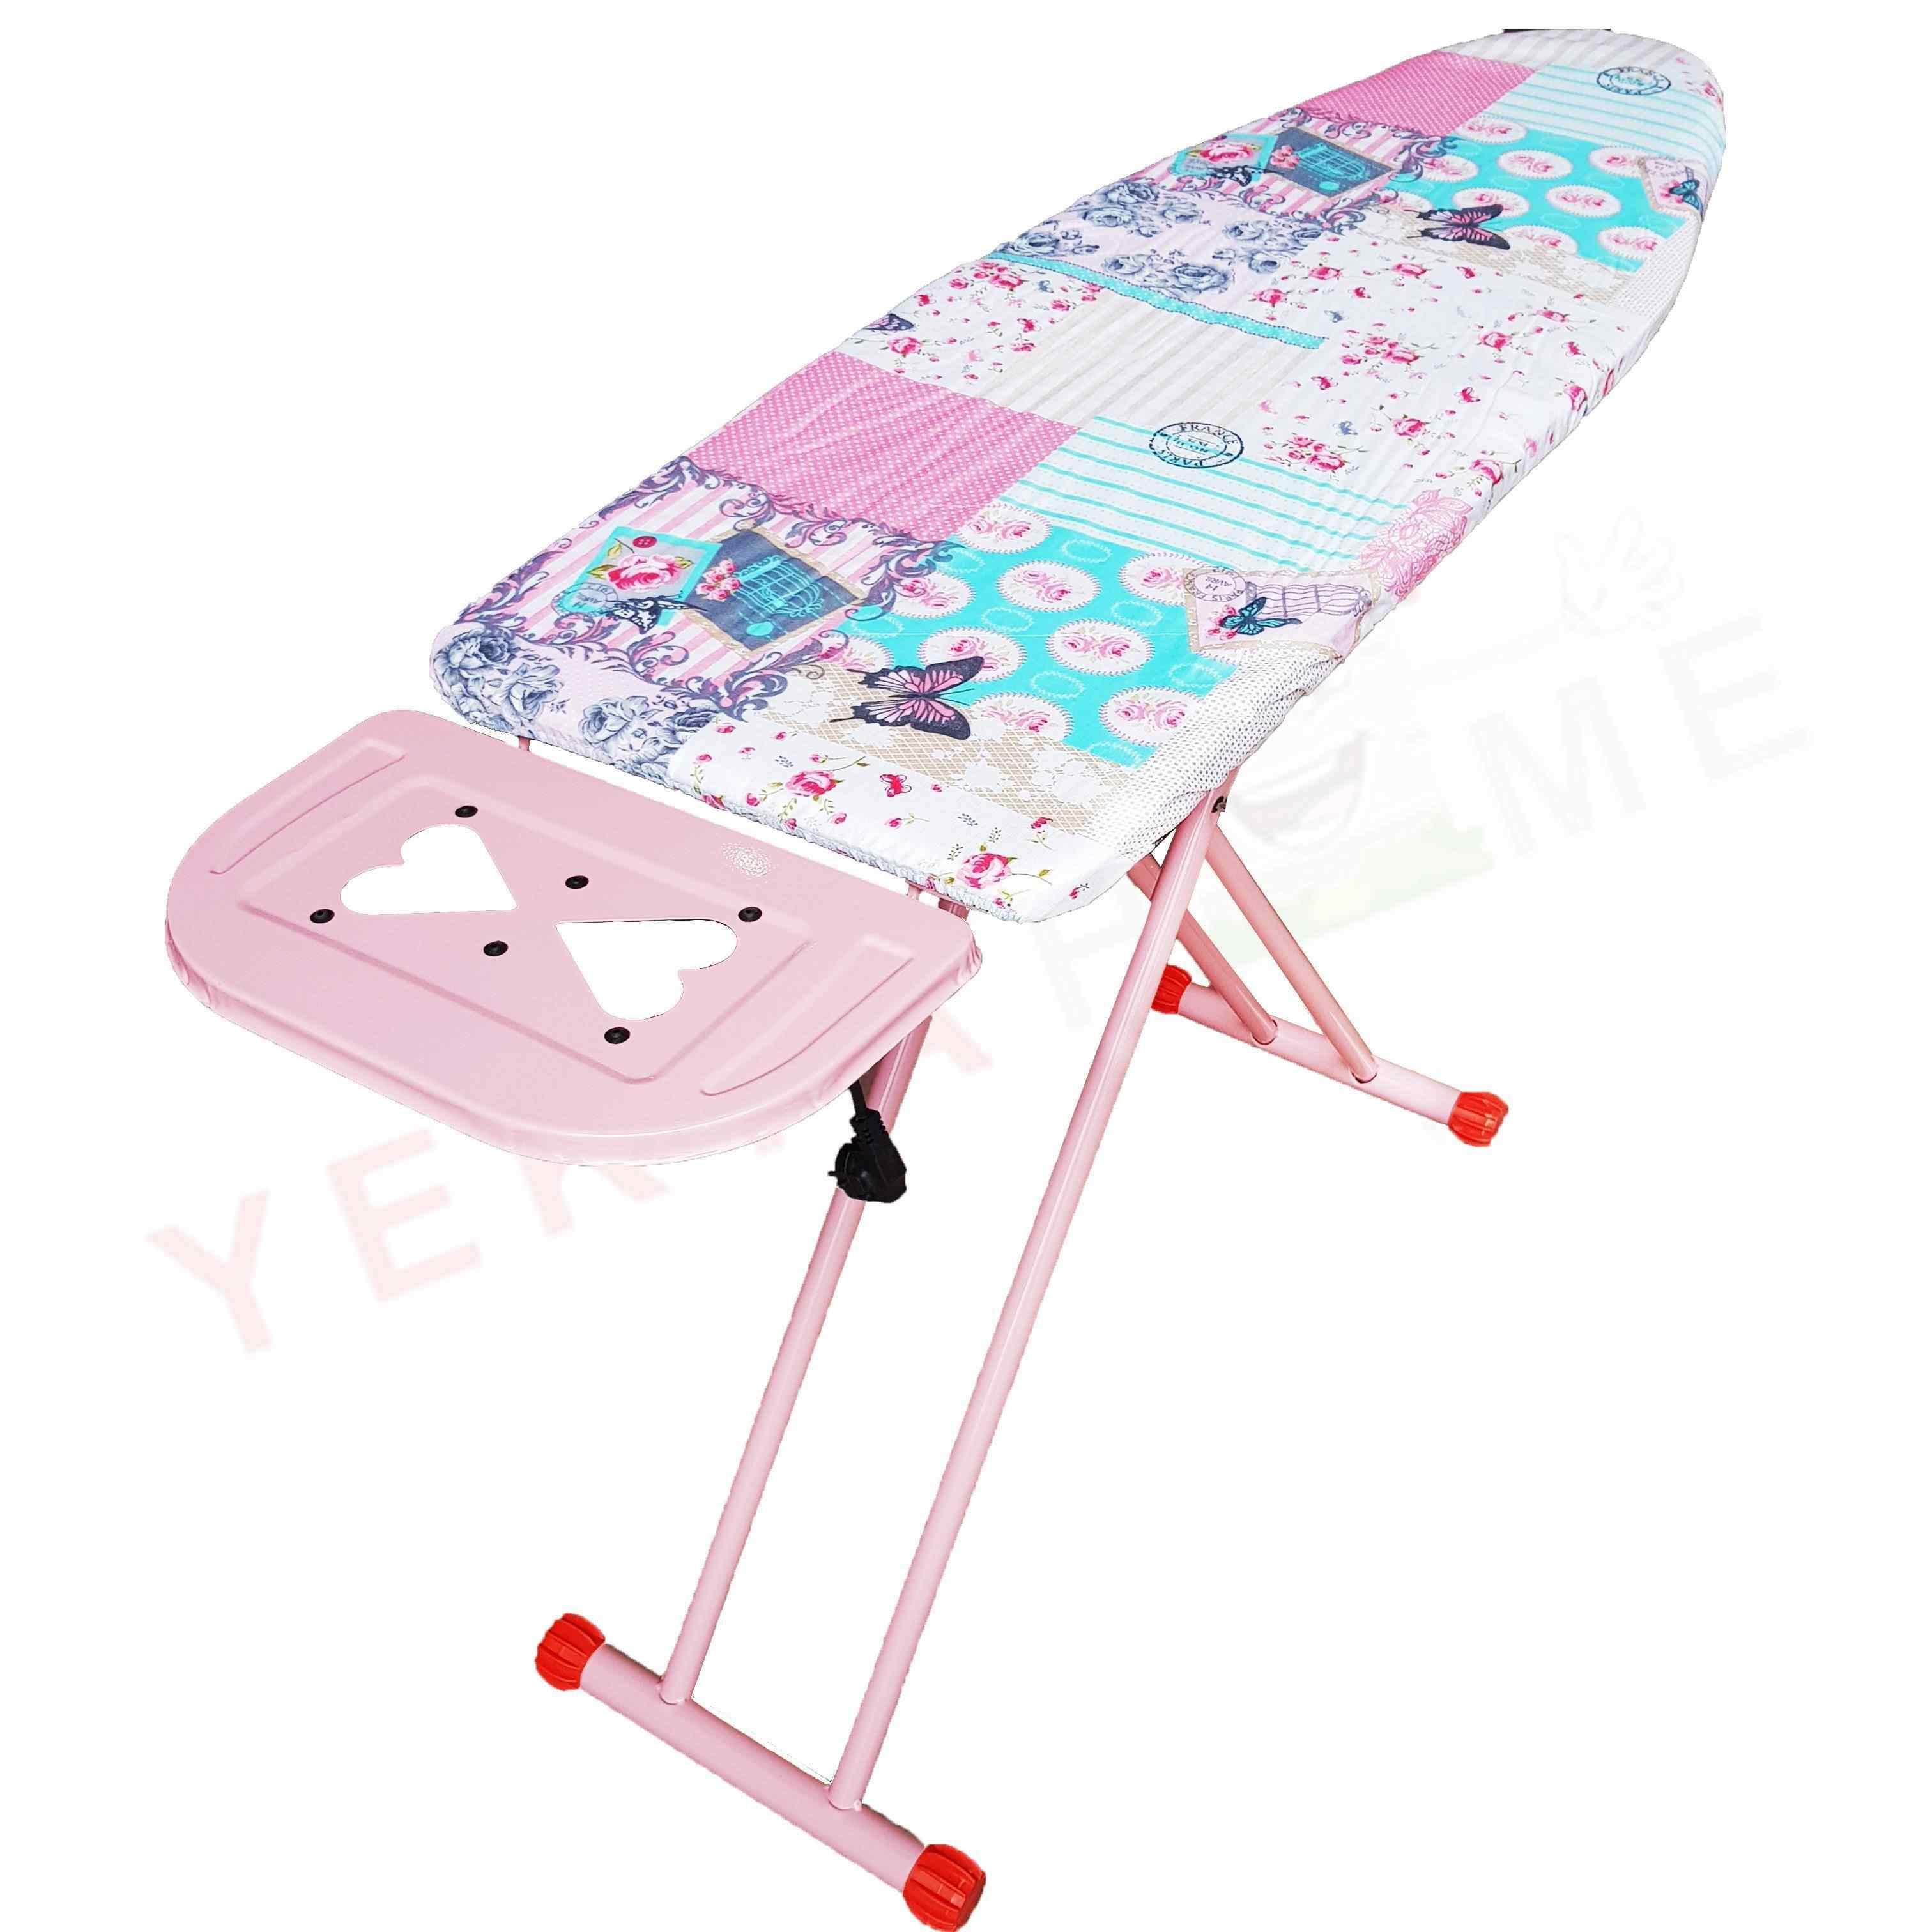 Daily Pink Ütü Masası Pembe Boyalı Ütü Masa Büyük 42 x 125 cm